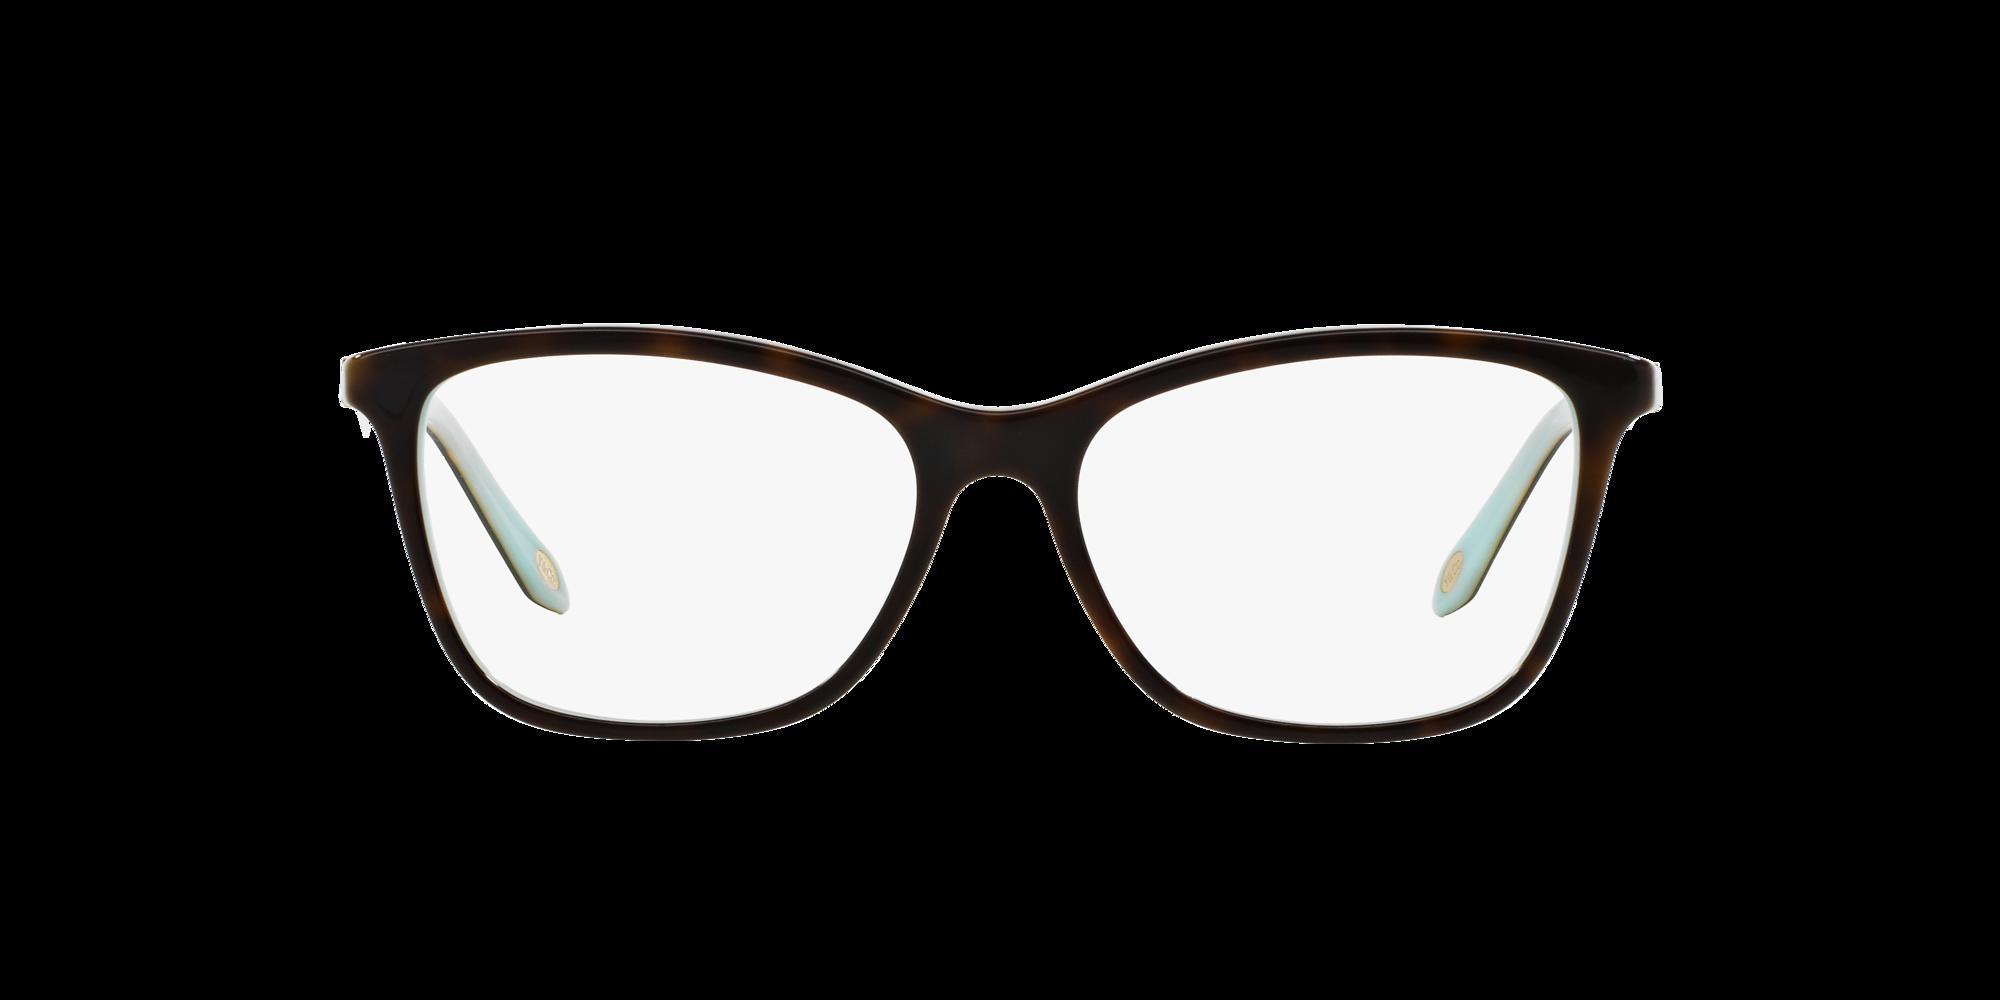 Imagen para TF2116B de LensCrafters |  Espejuelos, espejuelos graduados en línea, gafas